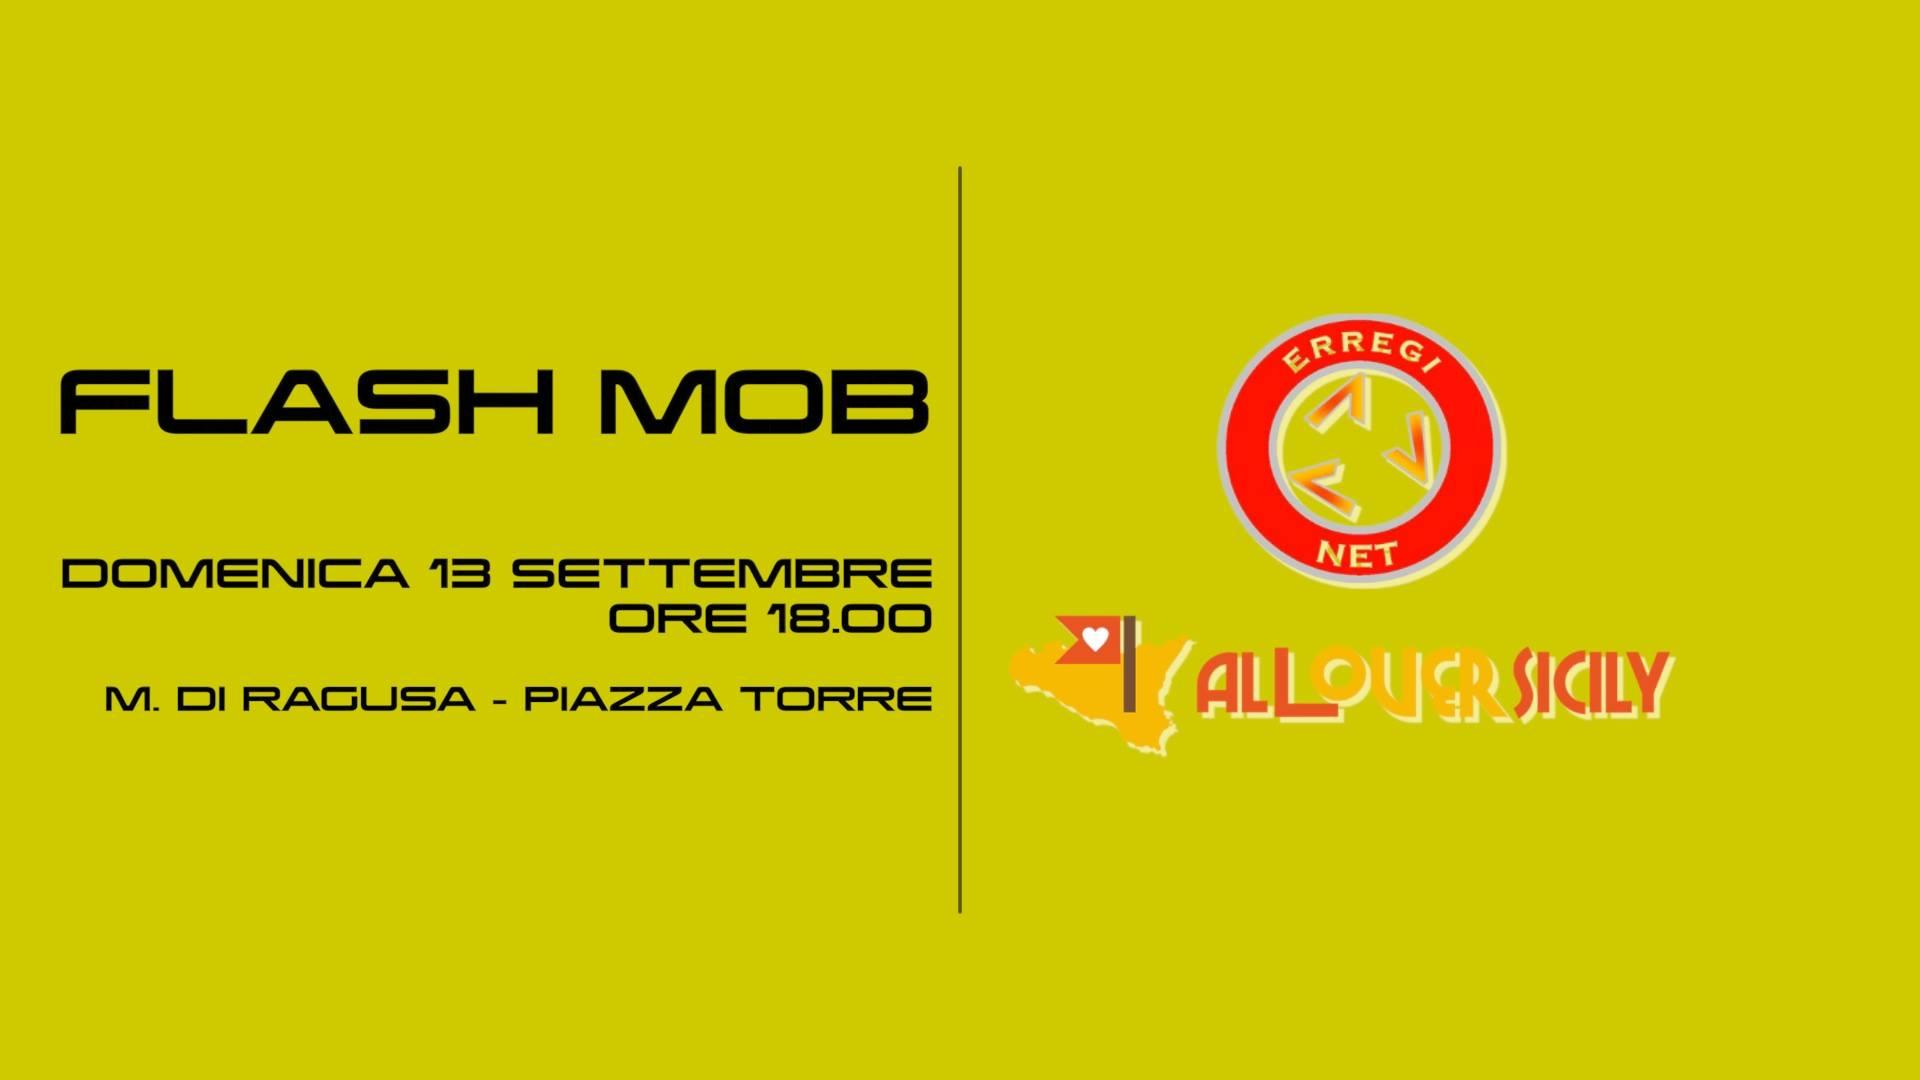 Per la valorizzazione del nostro territorio…Diamoci una mossa!! Flash Mob a Marina di Ragusa